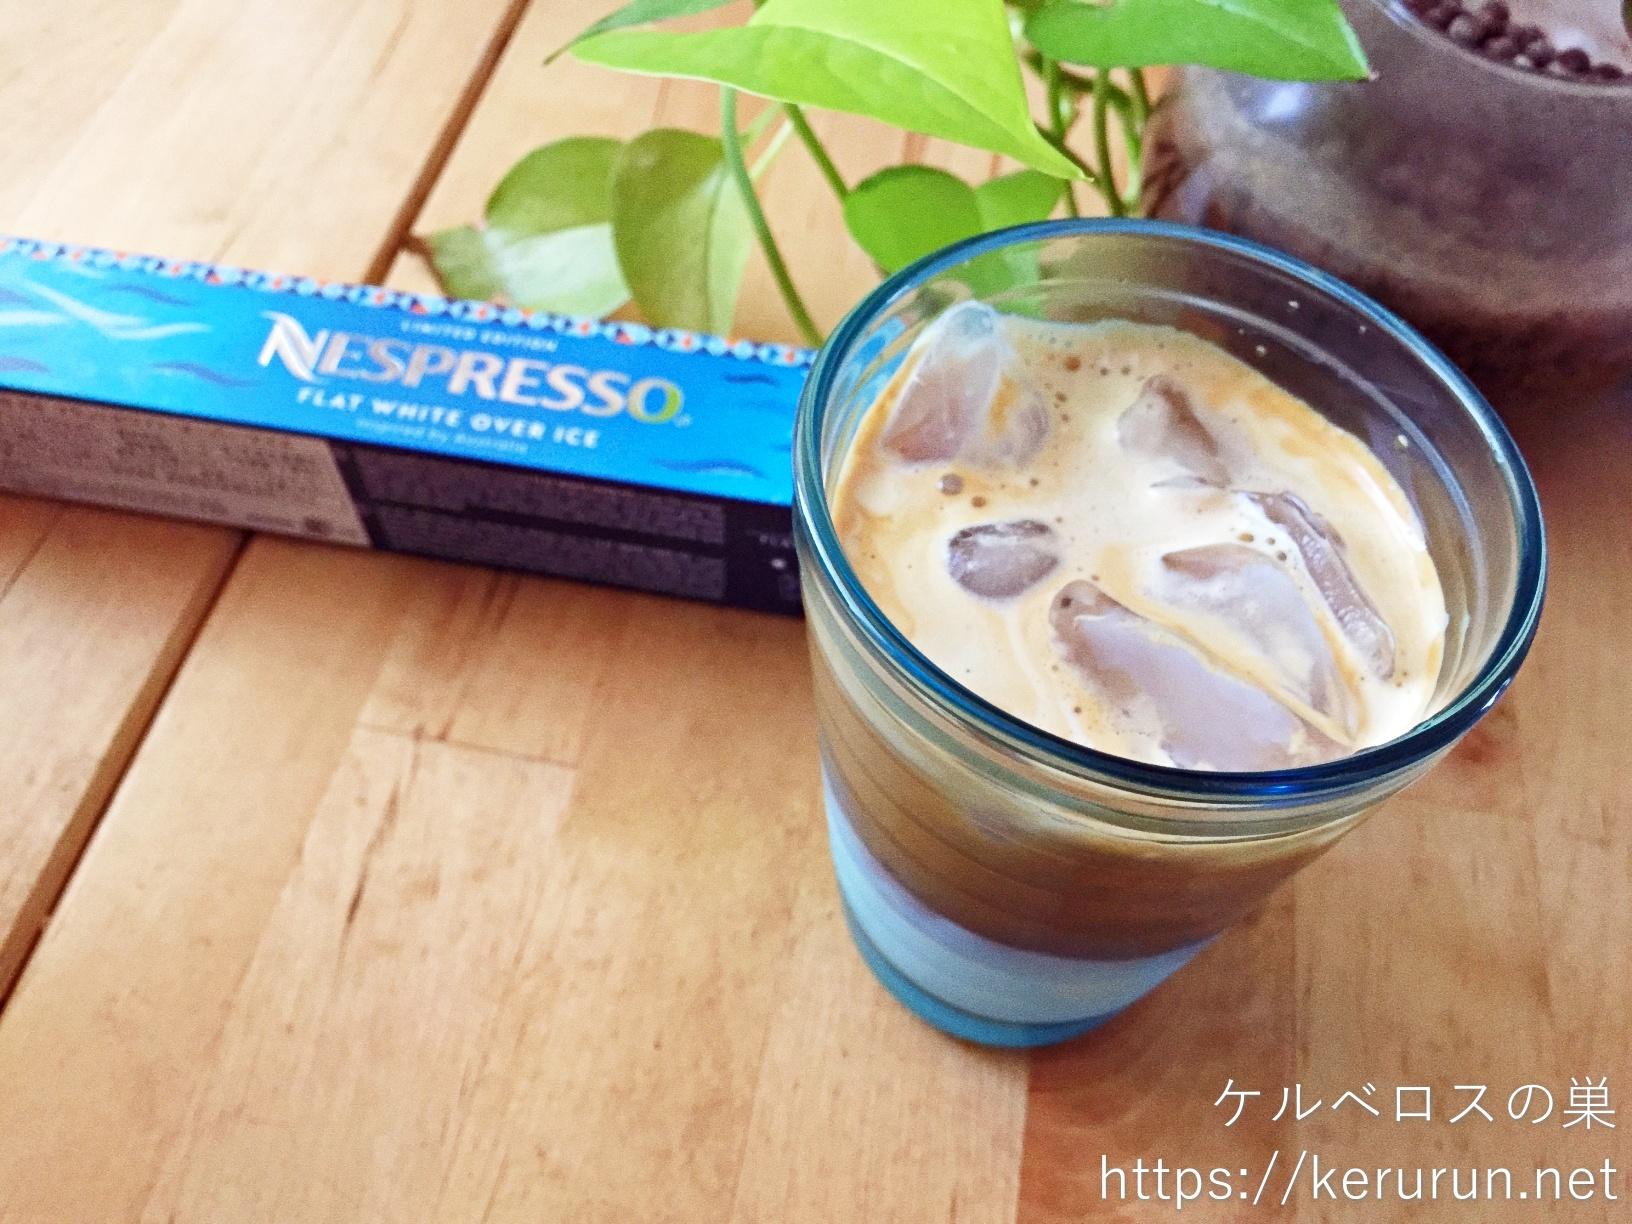 フラットホワイトコーヒーで朝ごはん